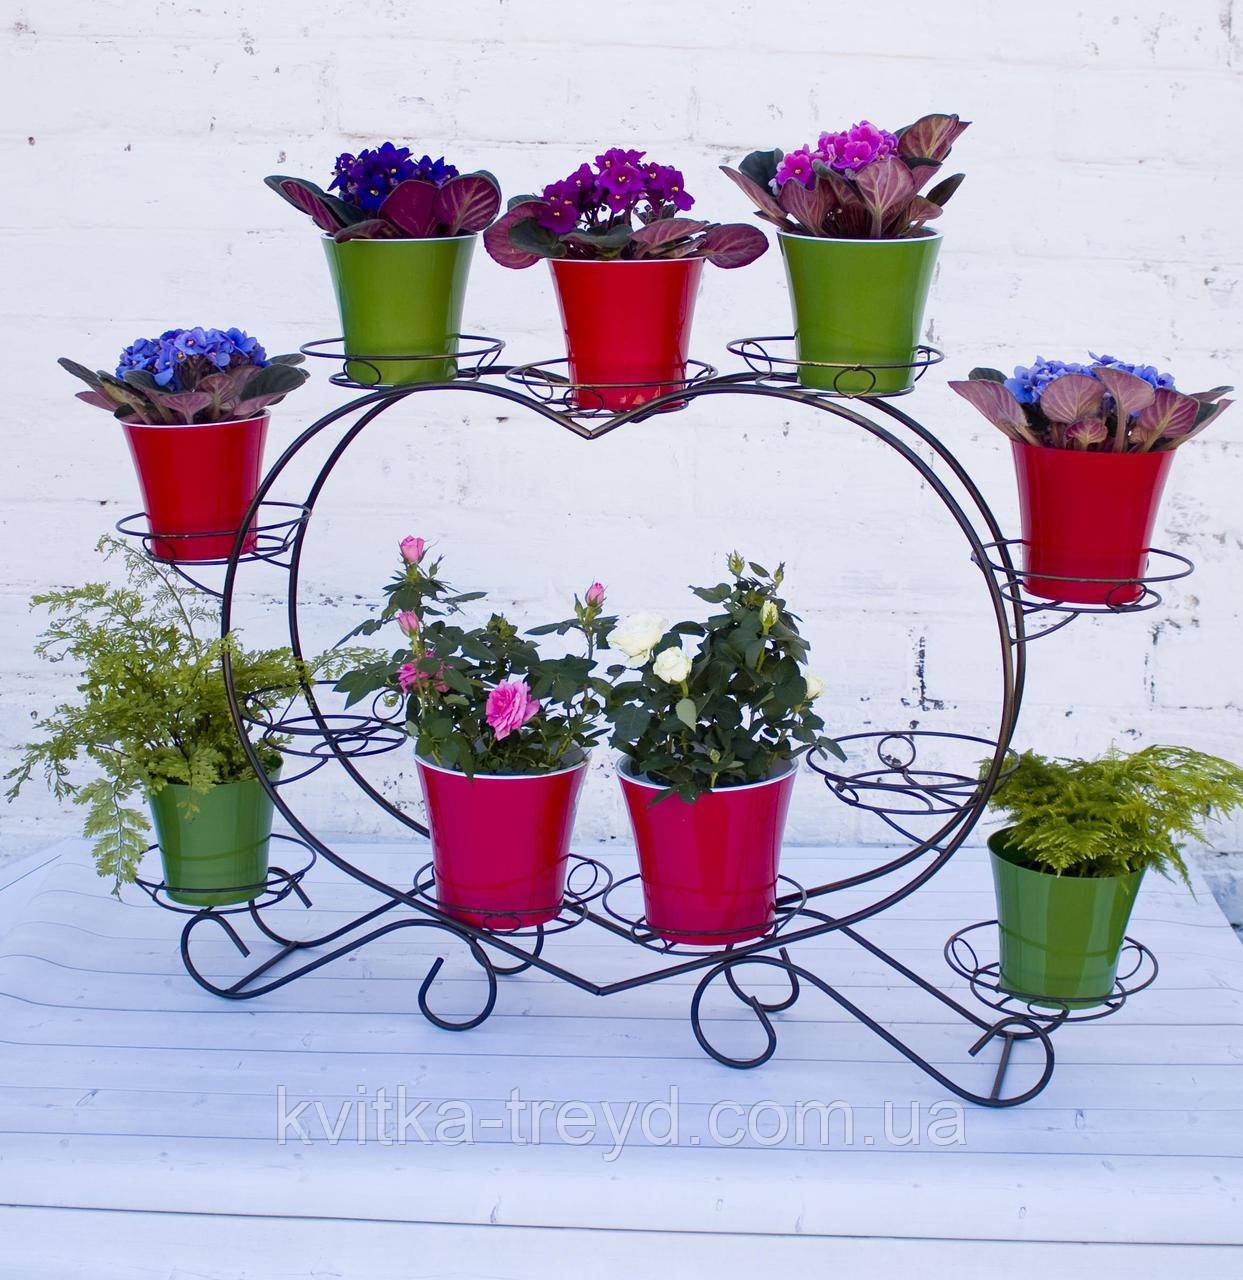 Кована підставка для квітів Серце 11